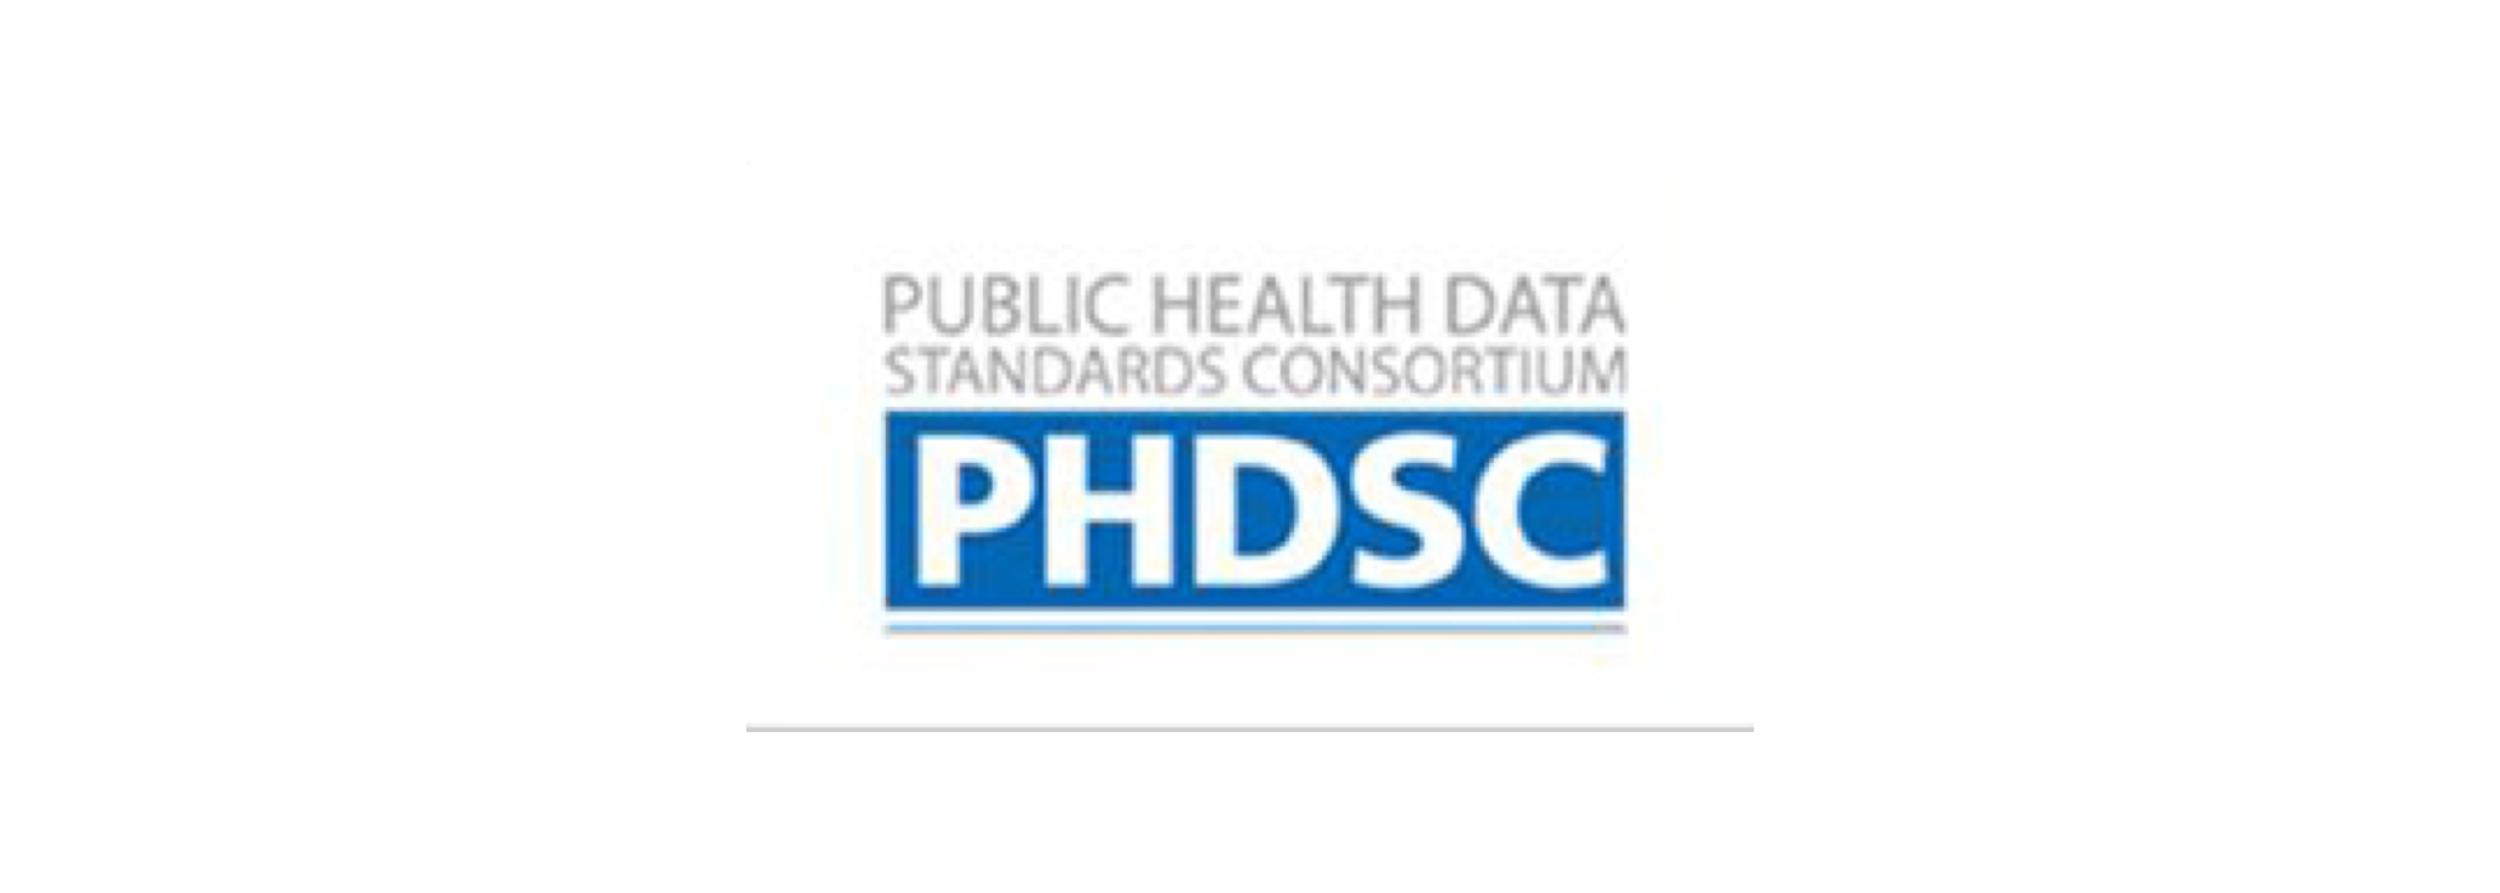 PHDSC logo box.png